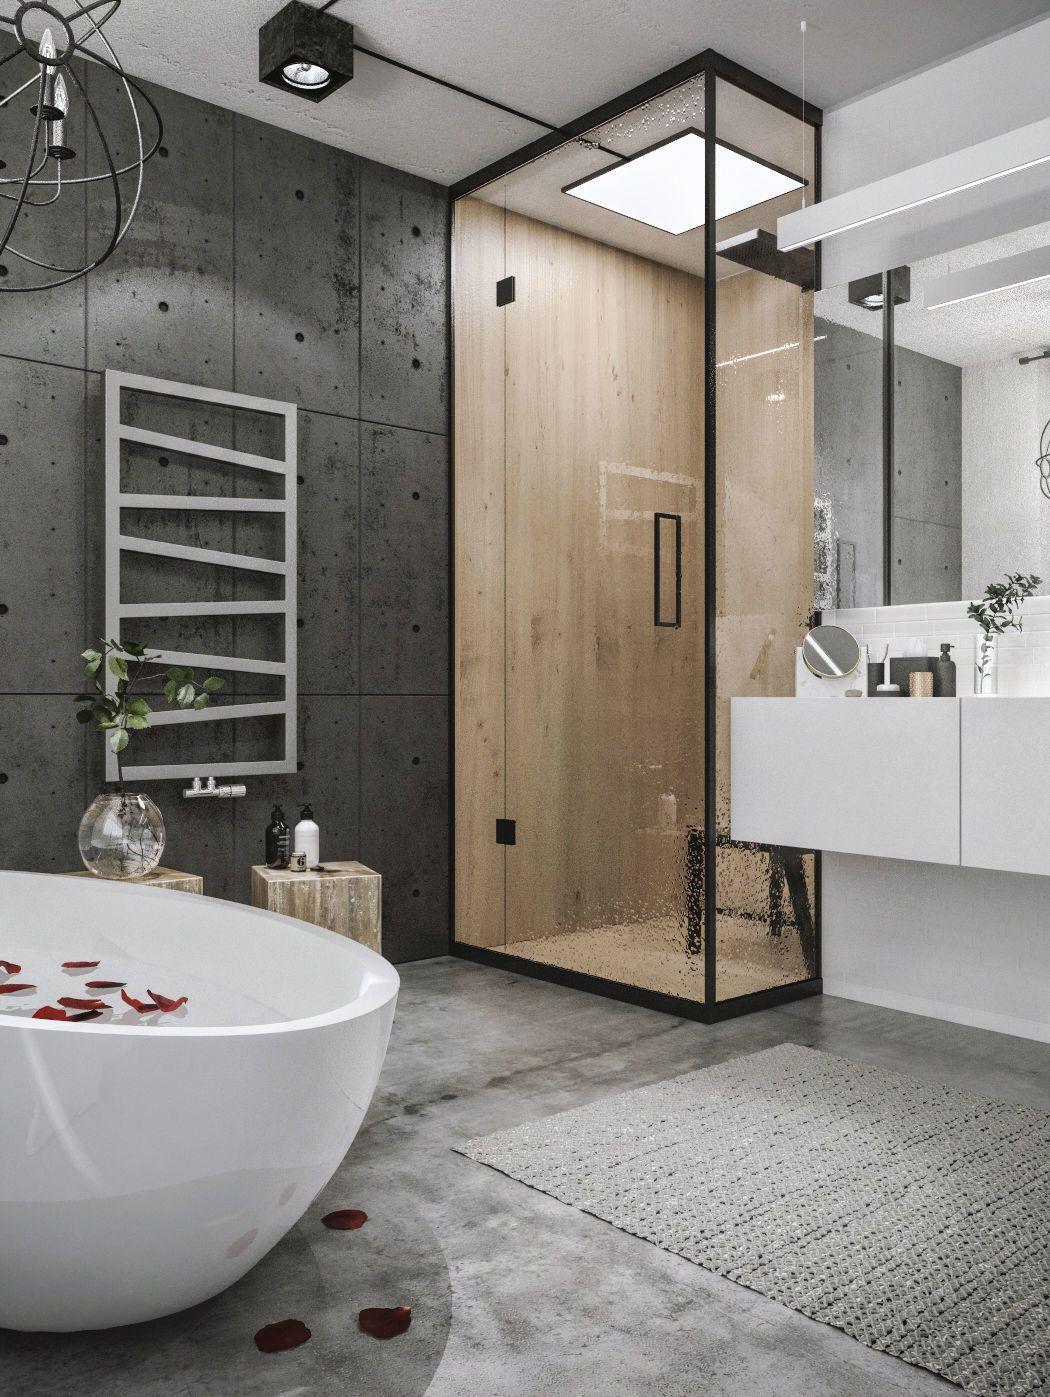 Modern Loft  10D model  Loft interior design, Industrial bathroom